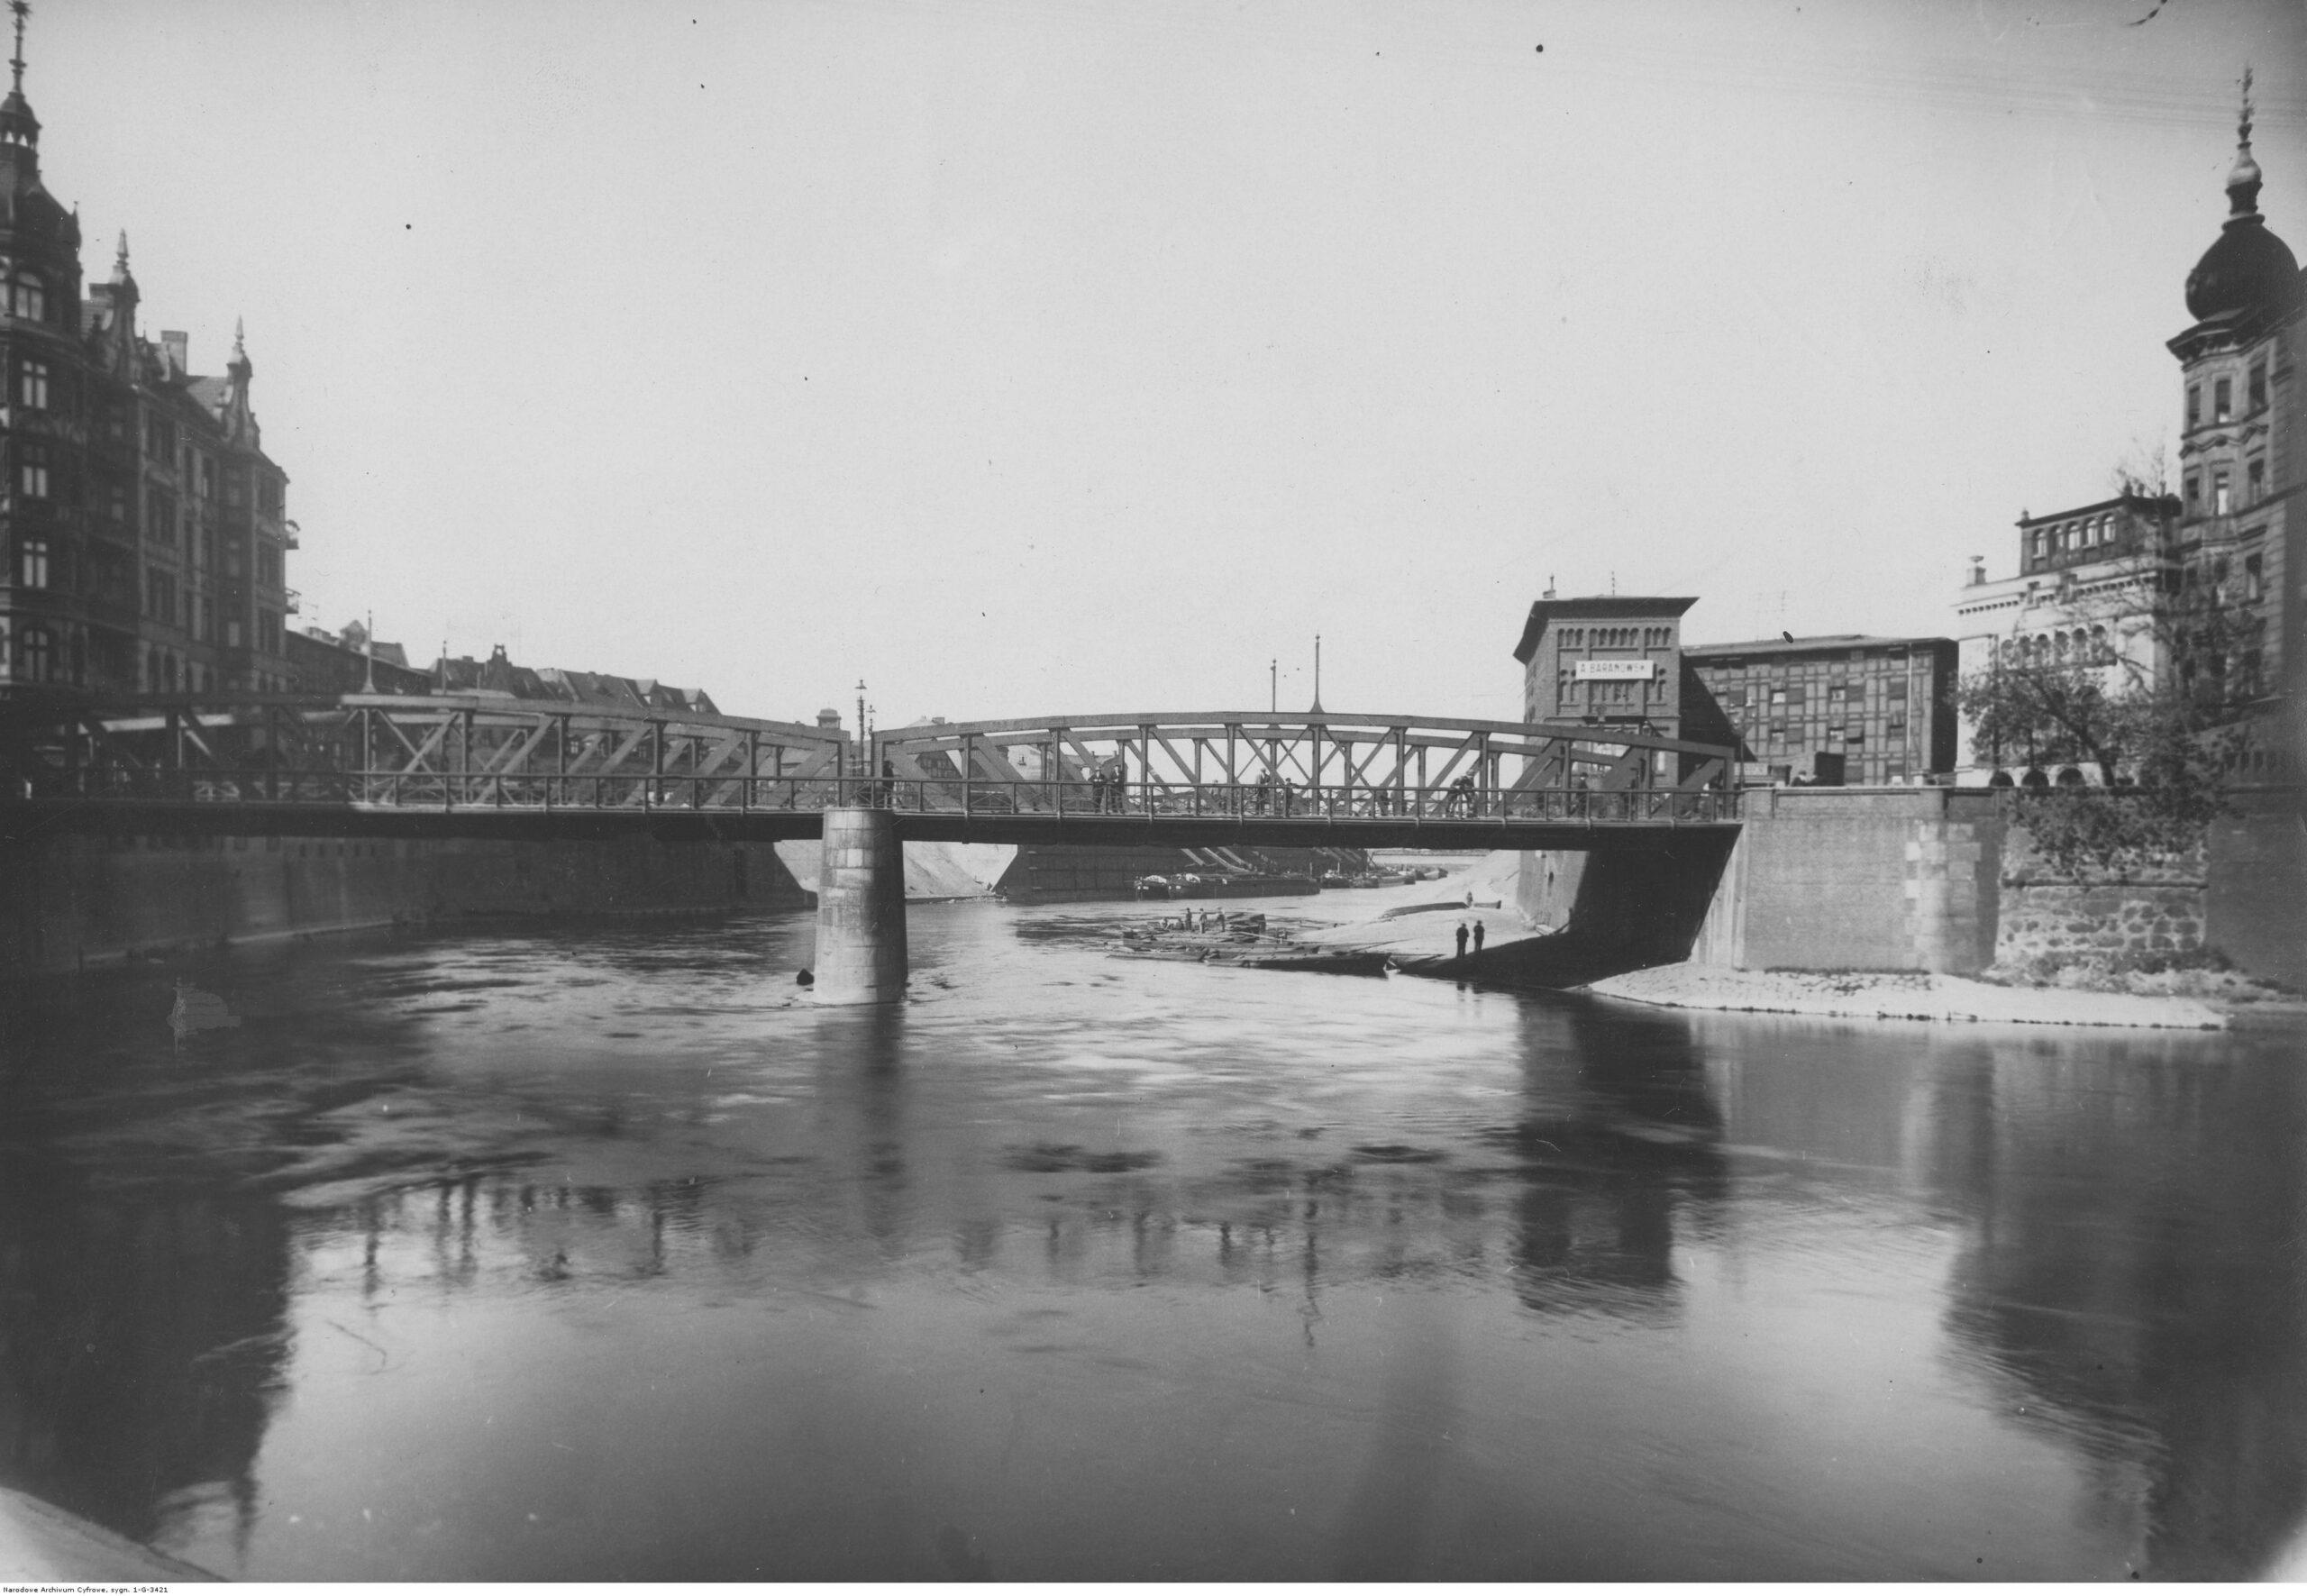 Nieistniejące w Poznaniu: Most Chwaliszewski i dawne koryto Warty